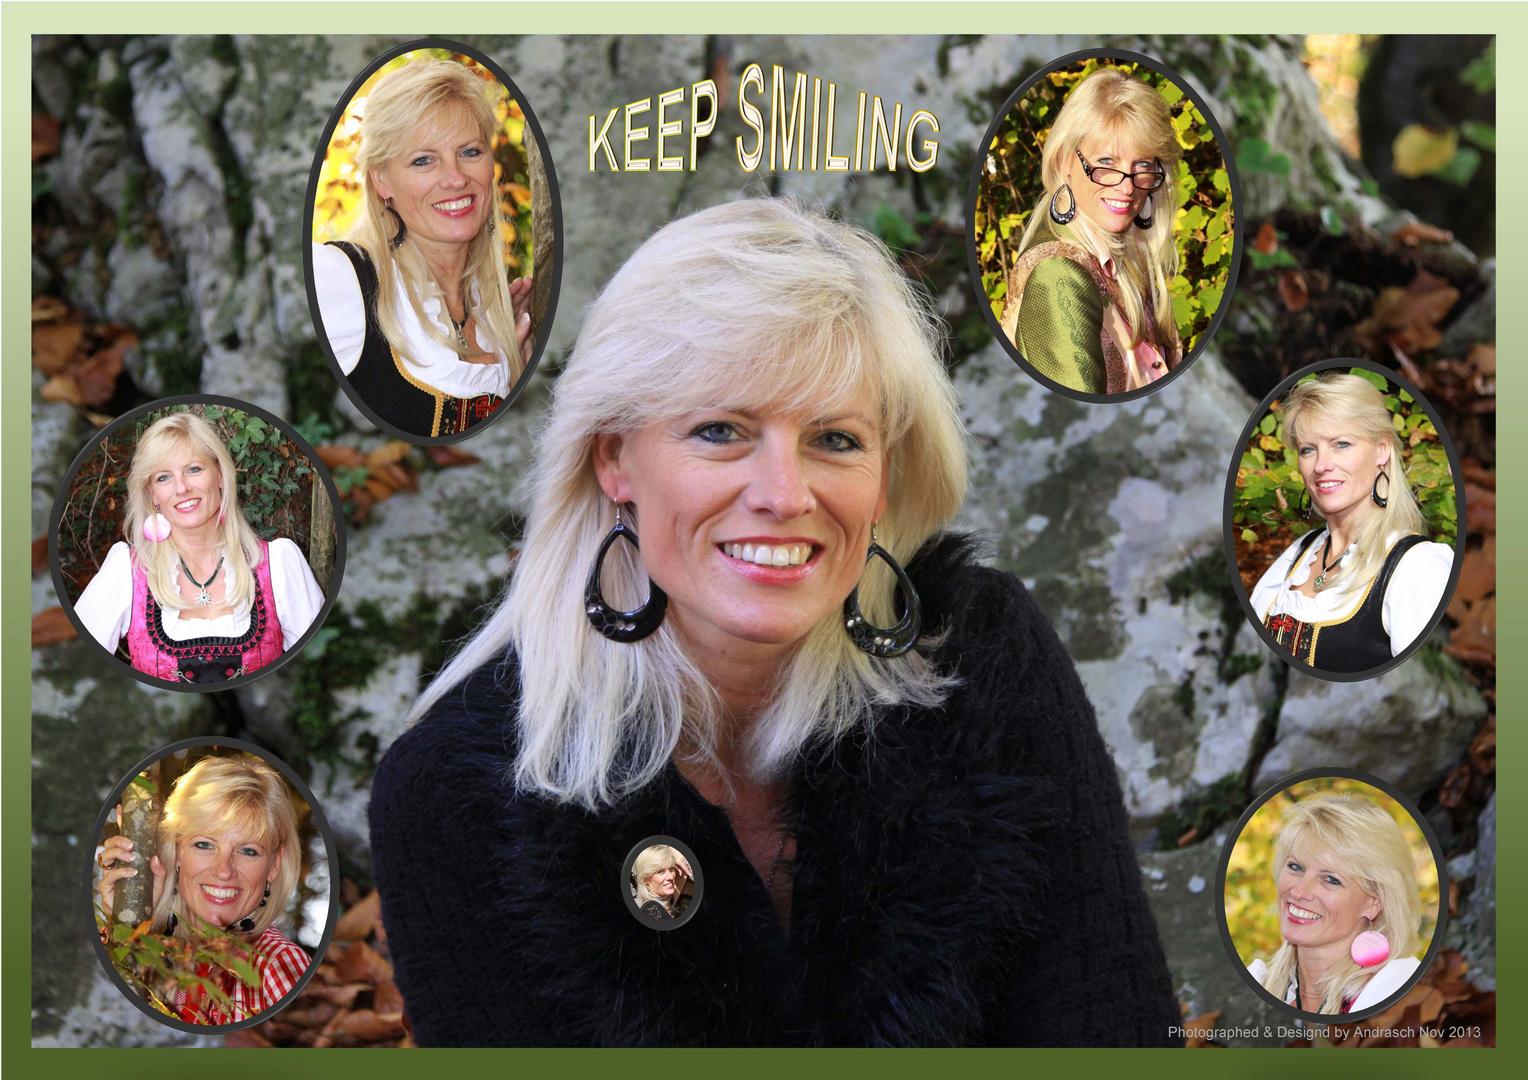 Keep smiling ...